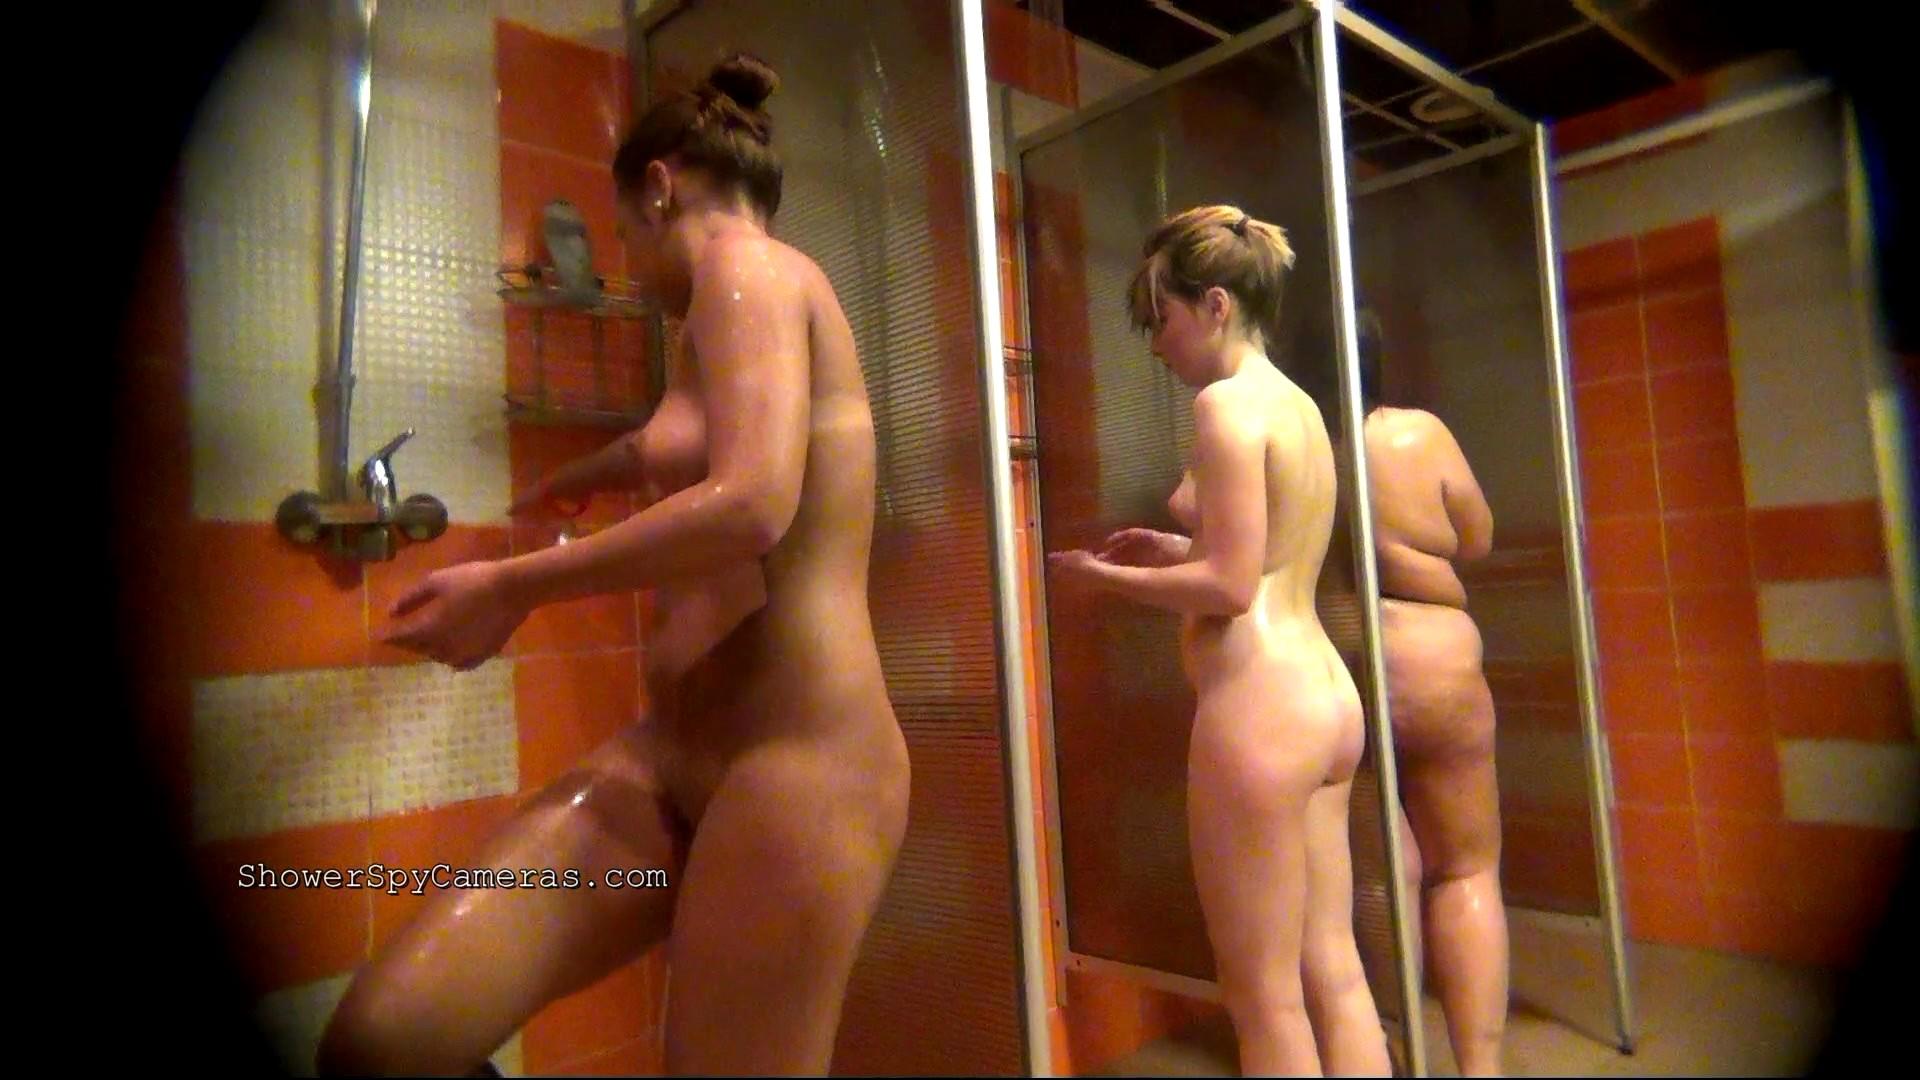 Скрытая камера в душе бане смотровом кабинете